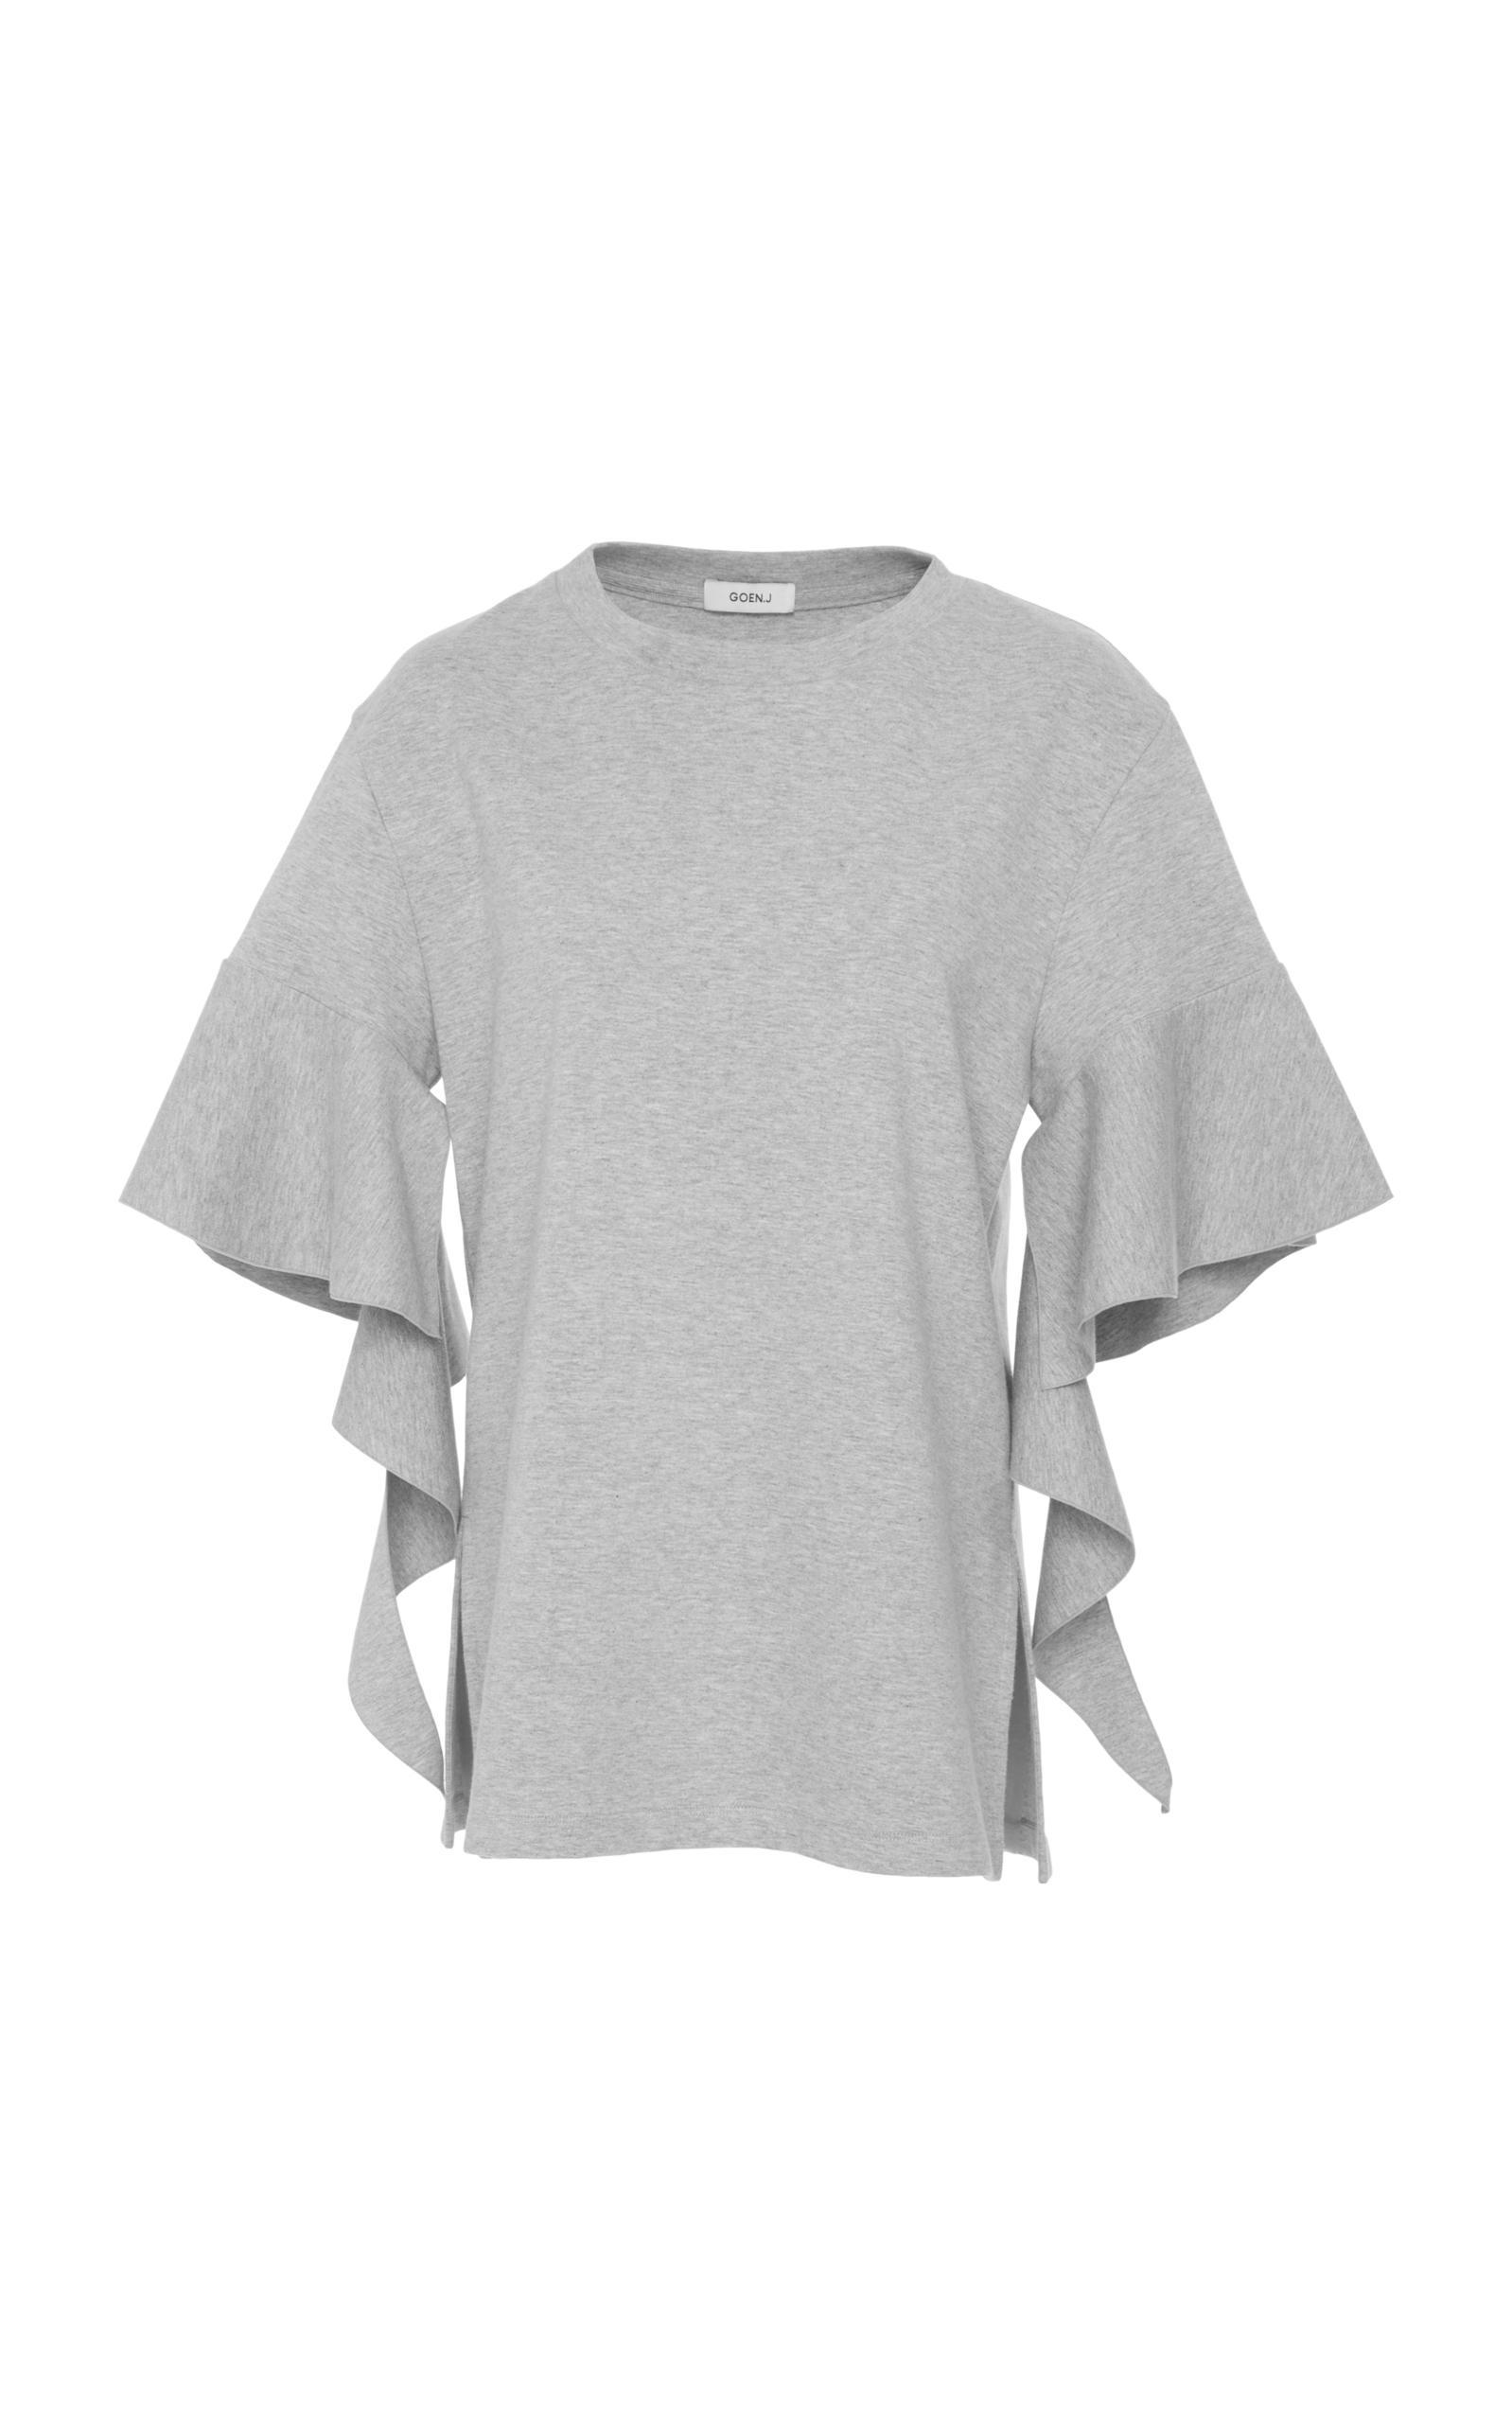 Goen J Cascading Short Sleeved Jersery Top In Grey